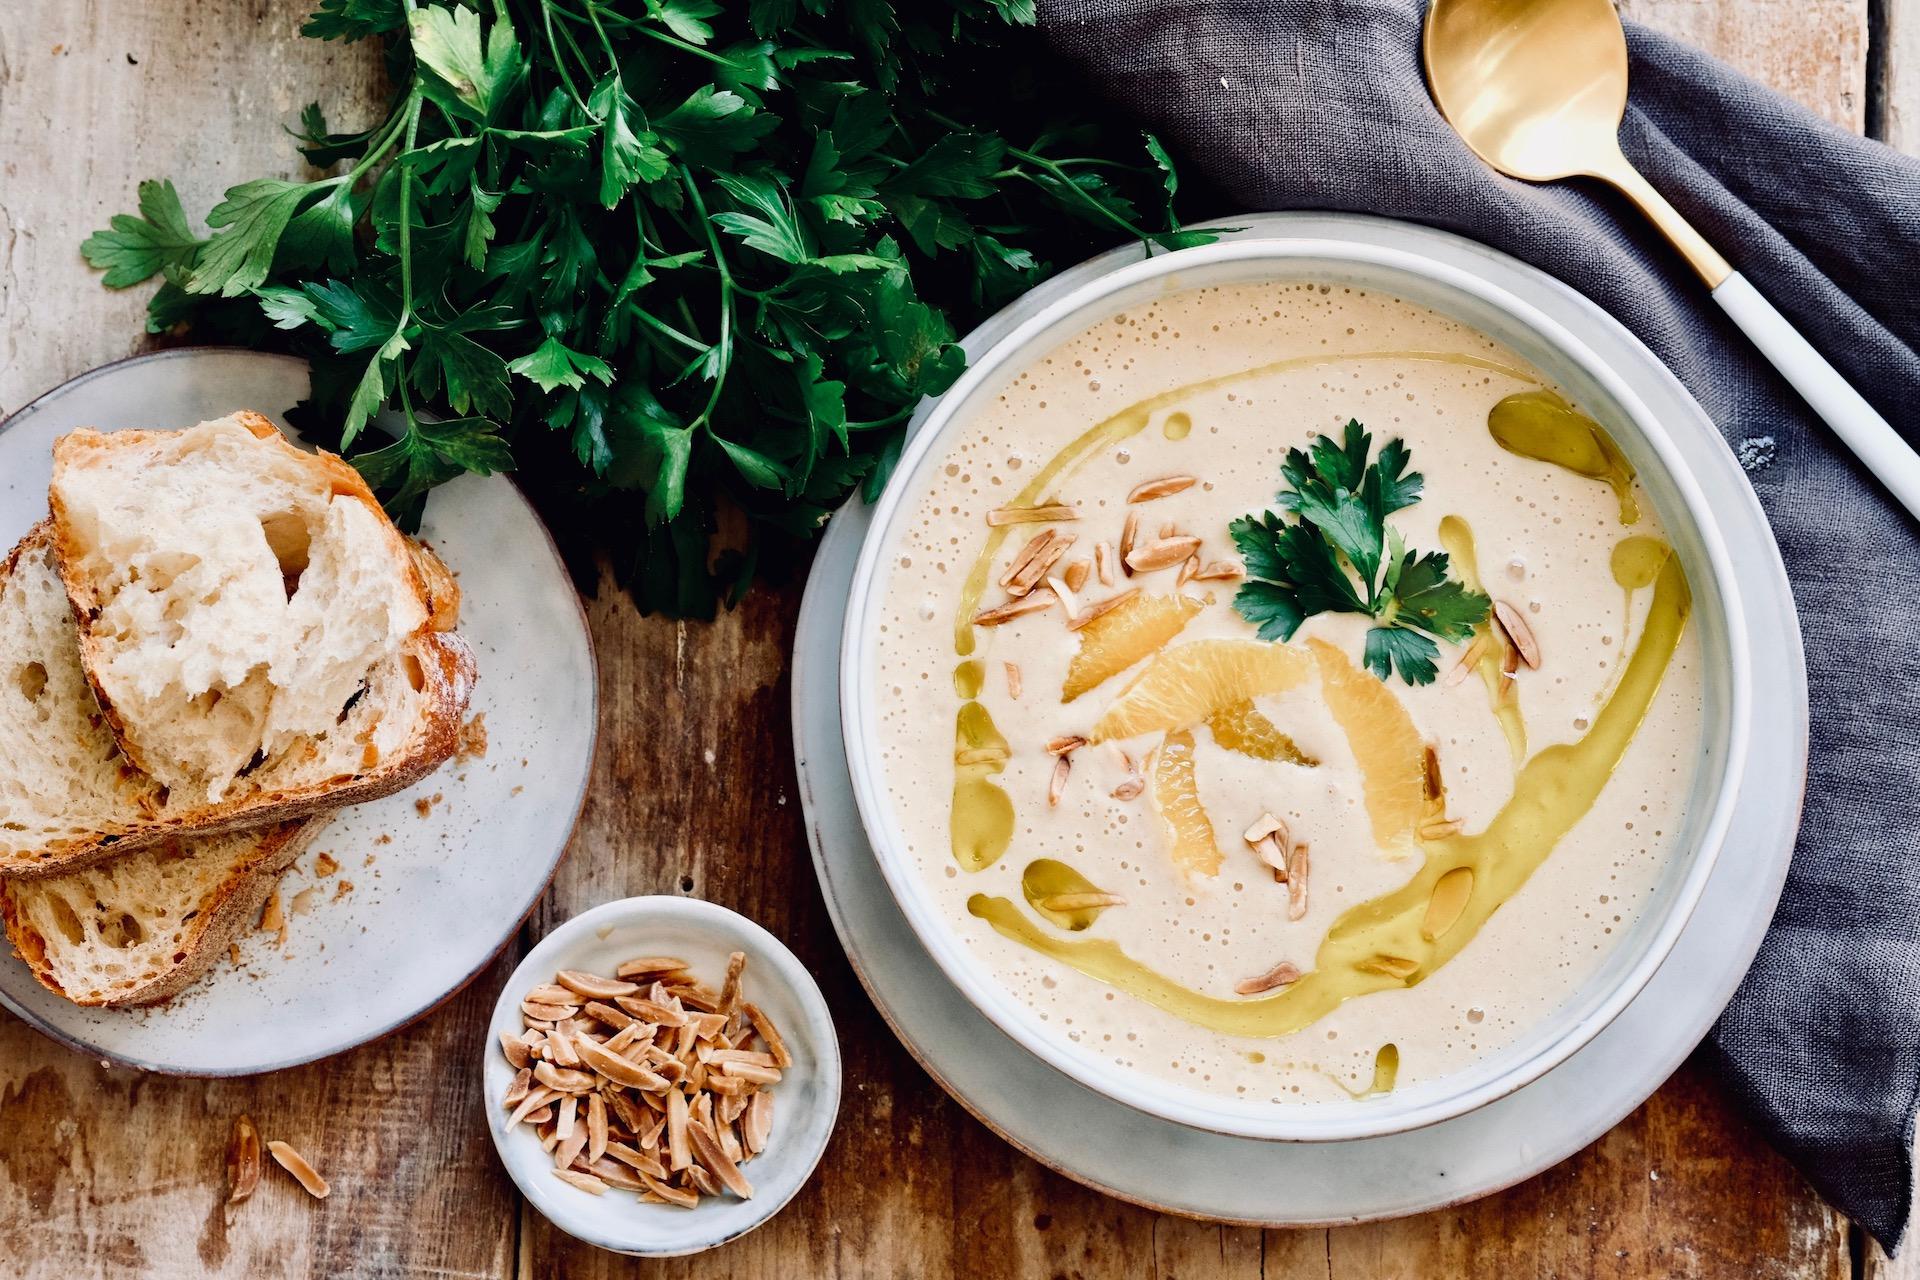 Mandel-Knoblauch Suppe mit Orangenfilets